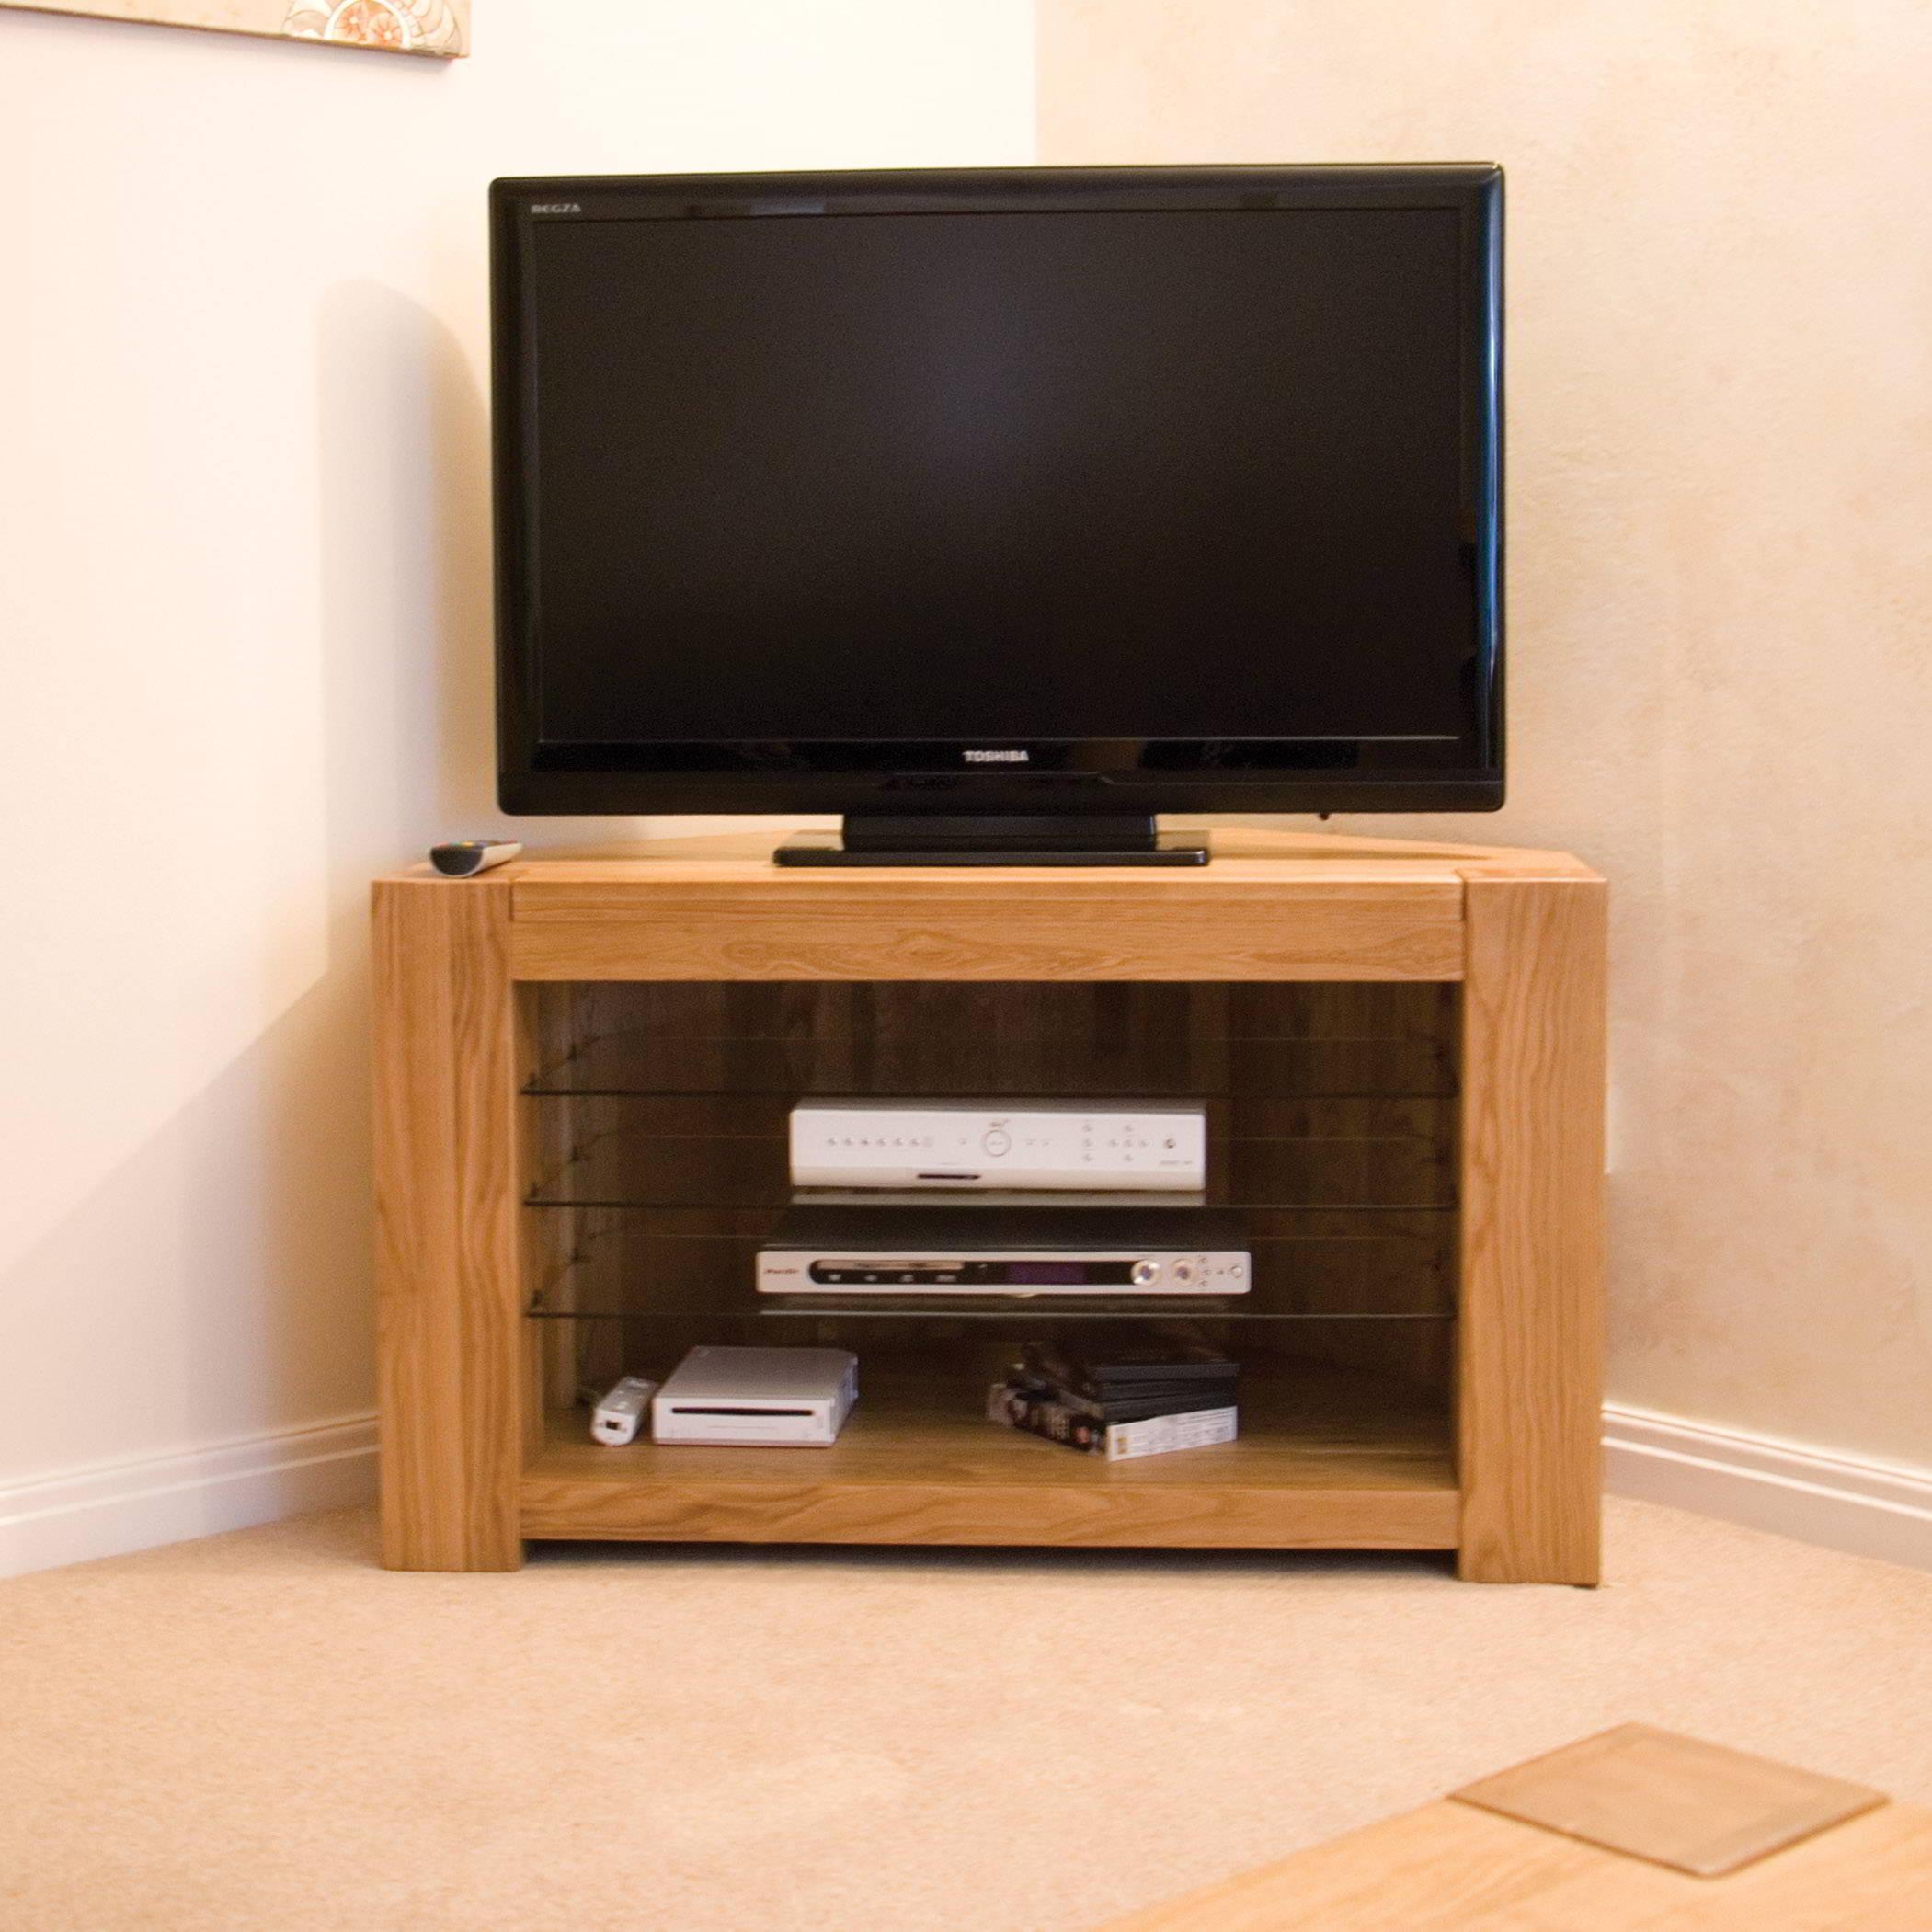 padova solid oak furniture corner television cabinet stand. Black Bedroom Furniture Sets. Home Design Ideas